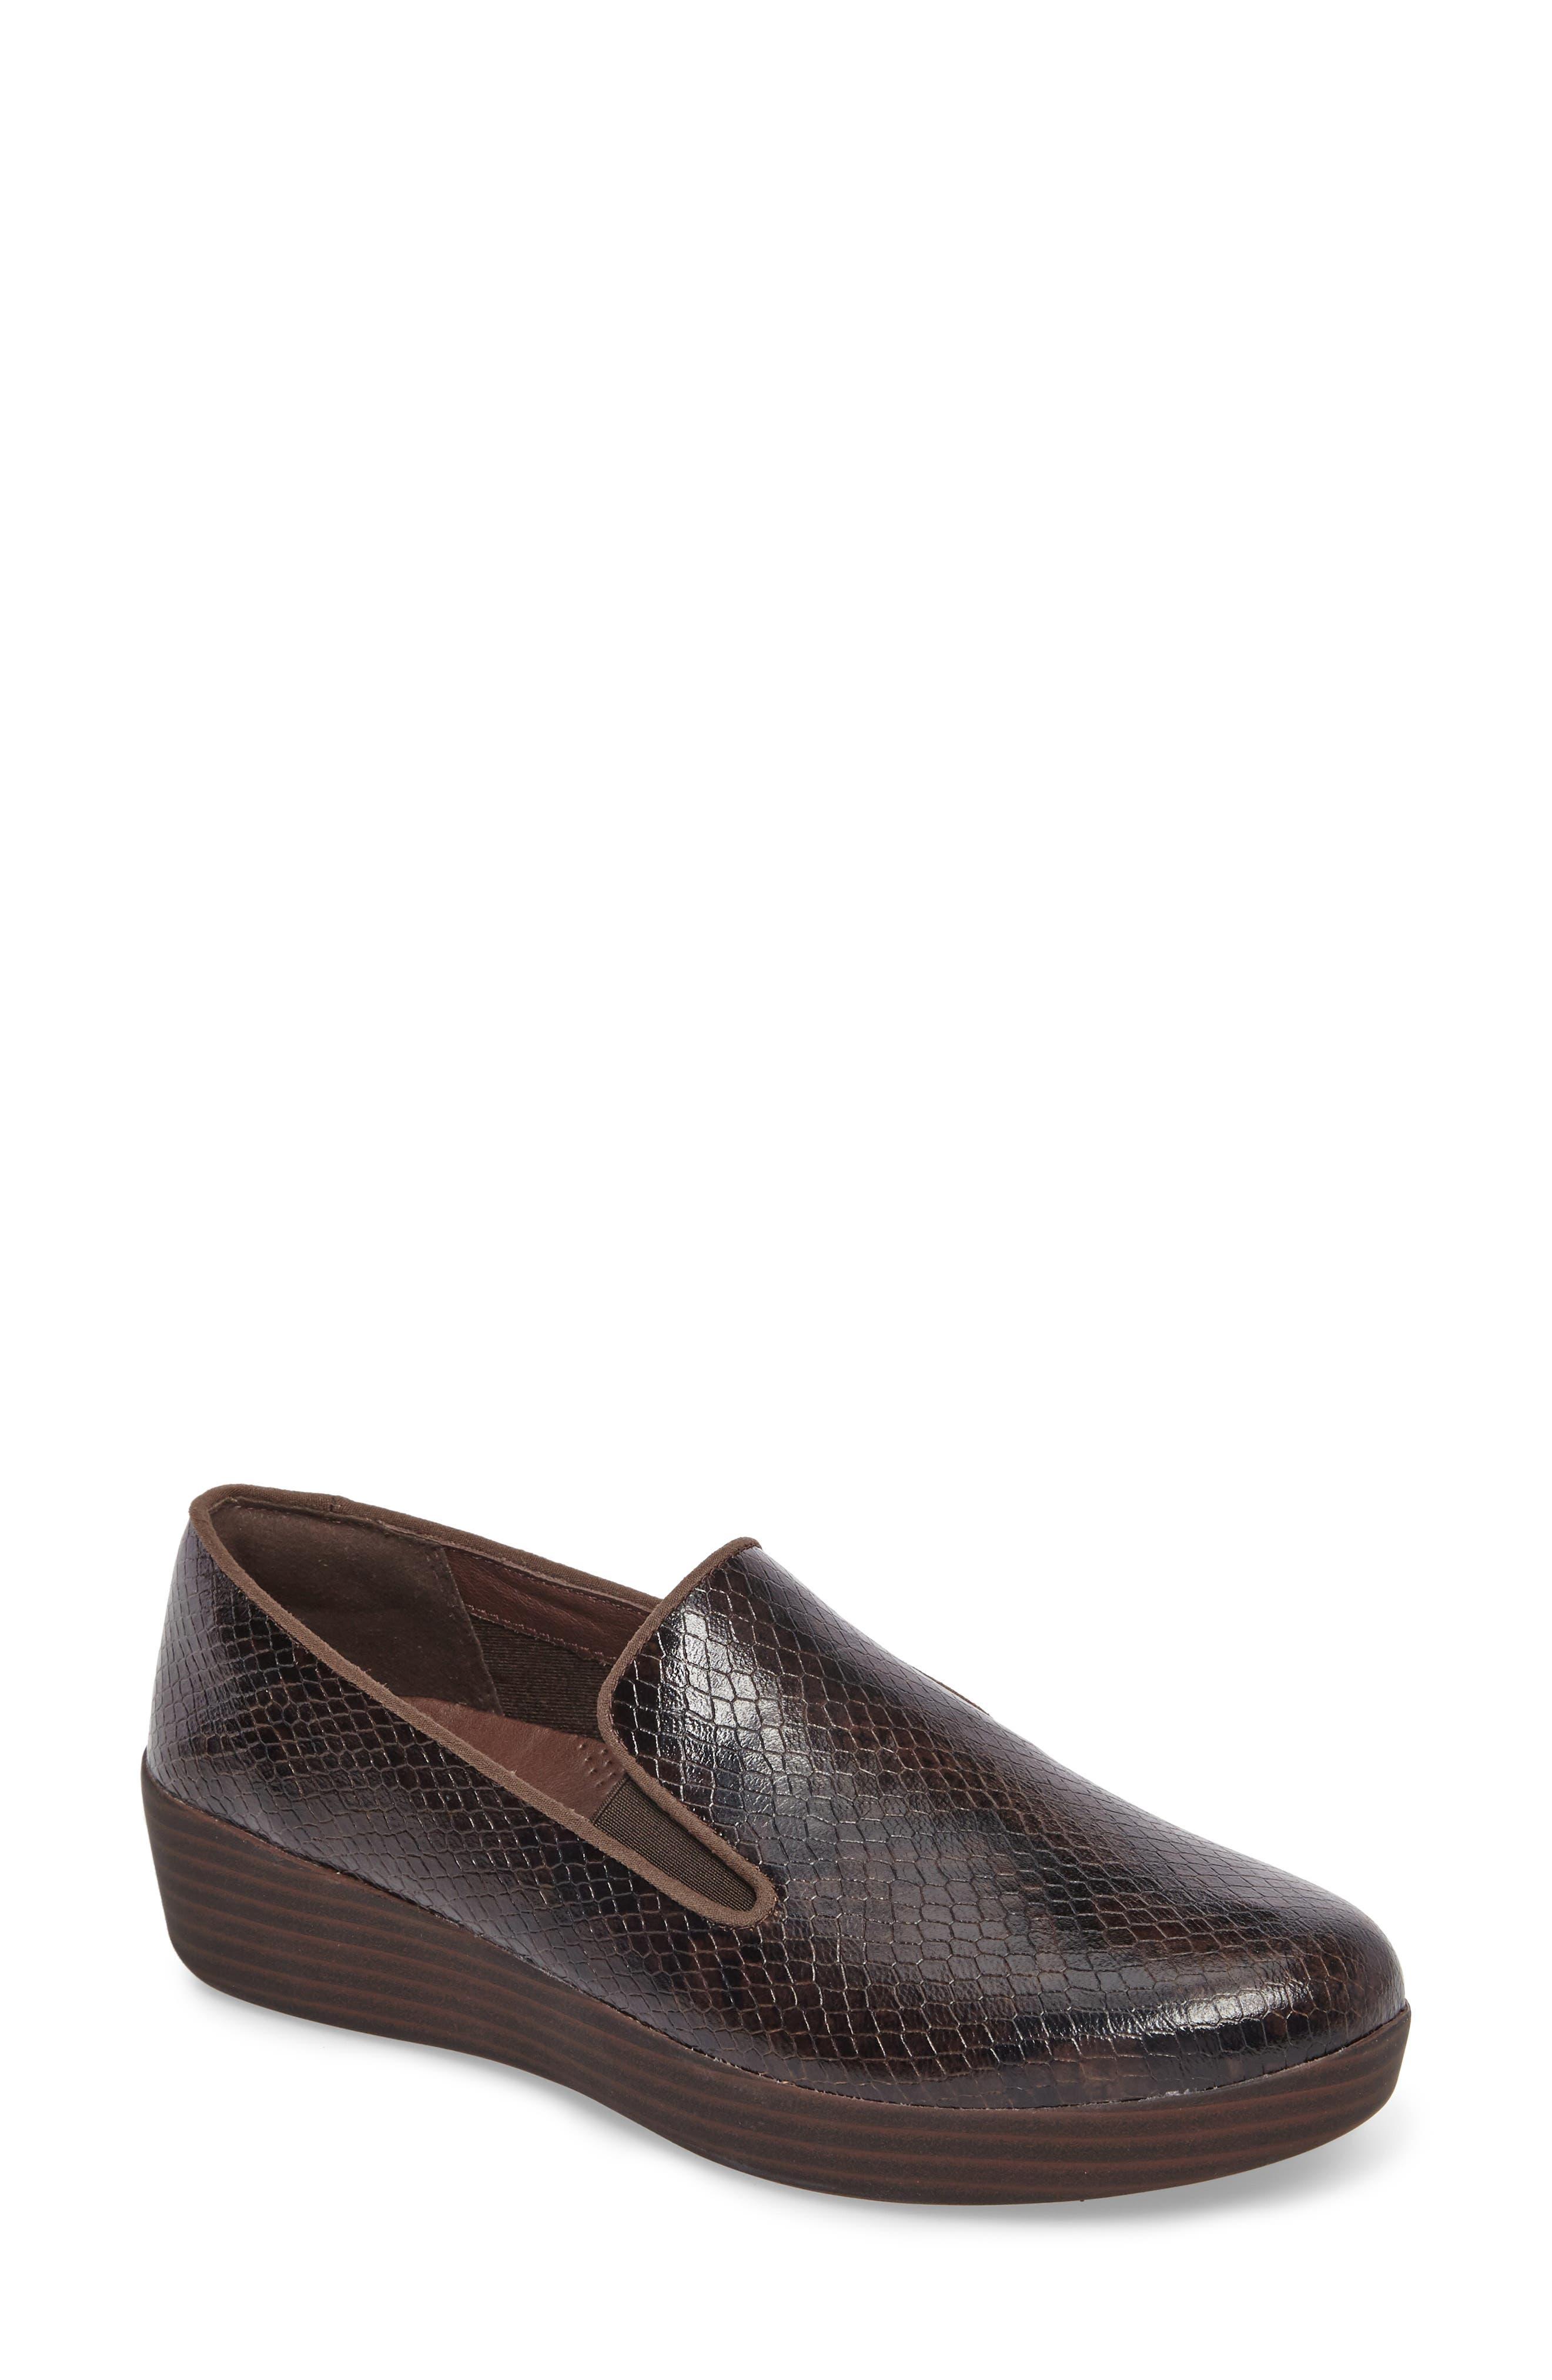 Superskate Slip-On Loafer,                         Main,                         color, 219